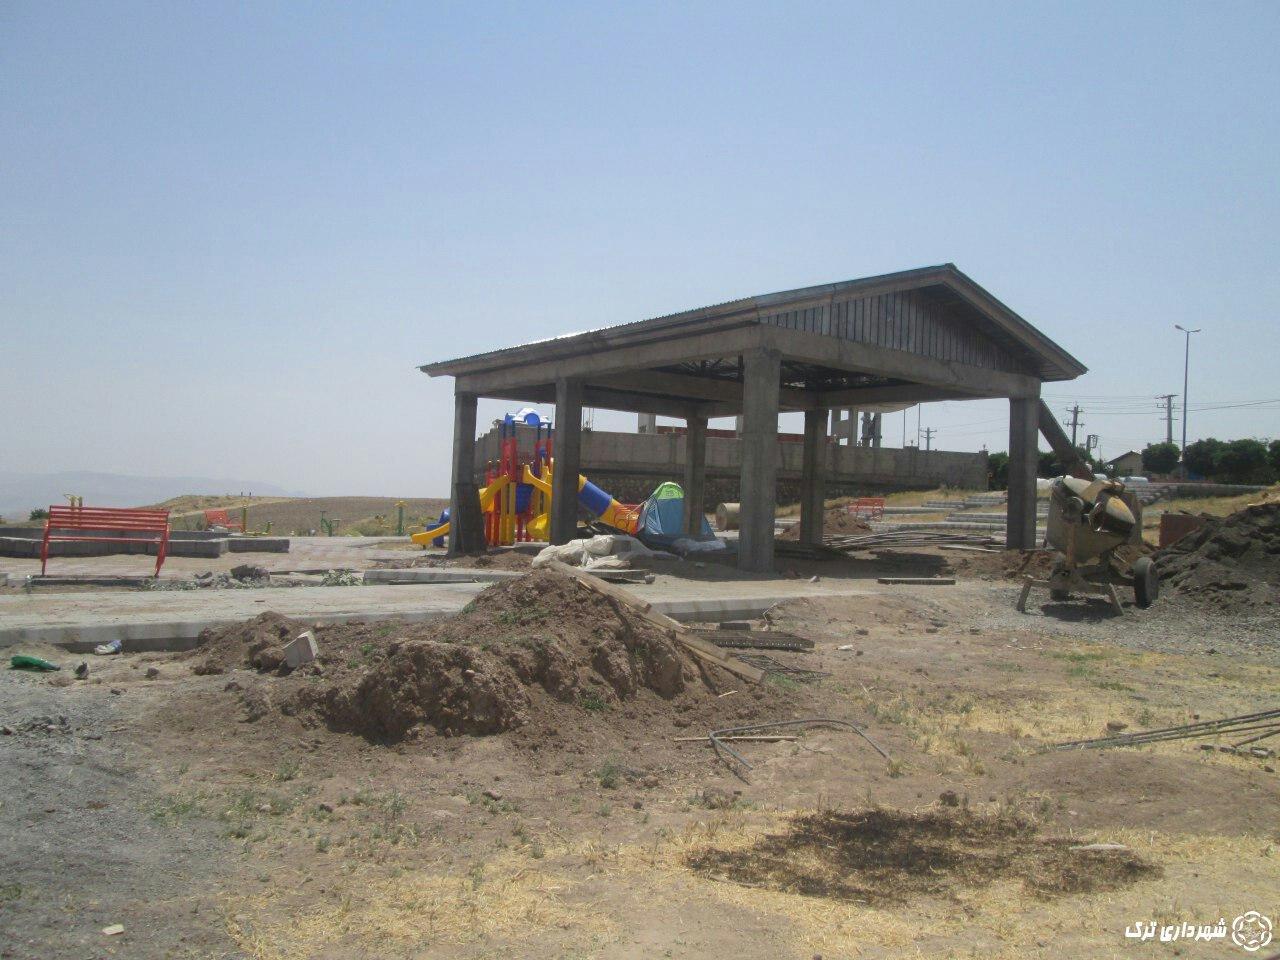 ادامه مراحل احداث نمازخانه و  سرویس بهداشتی و  نصب وسایل بازی در پارک